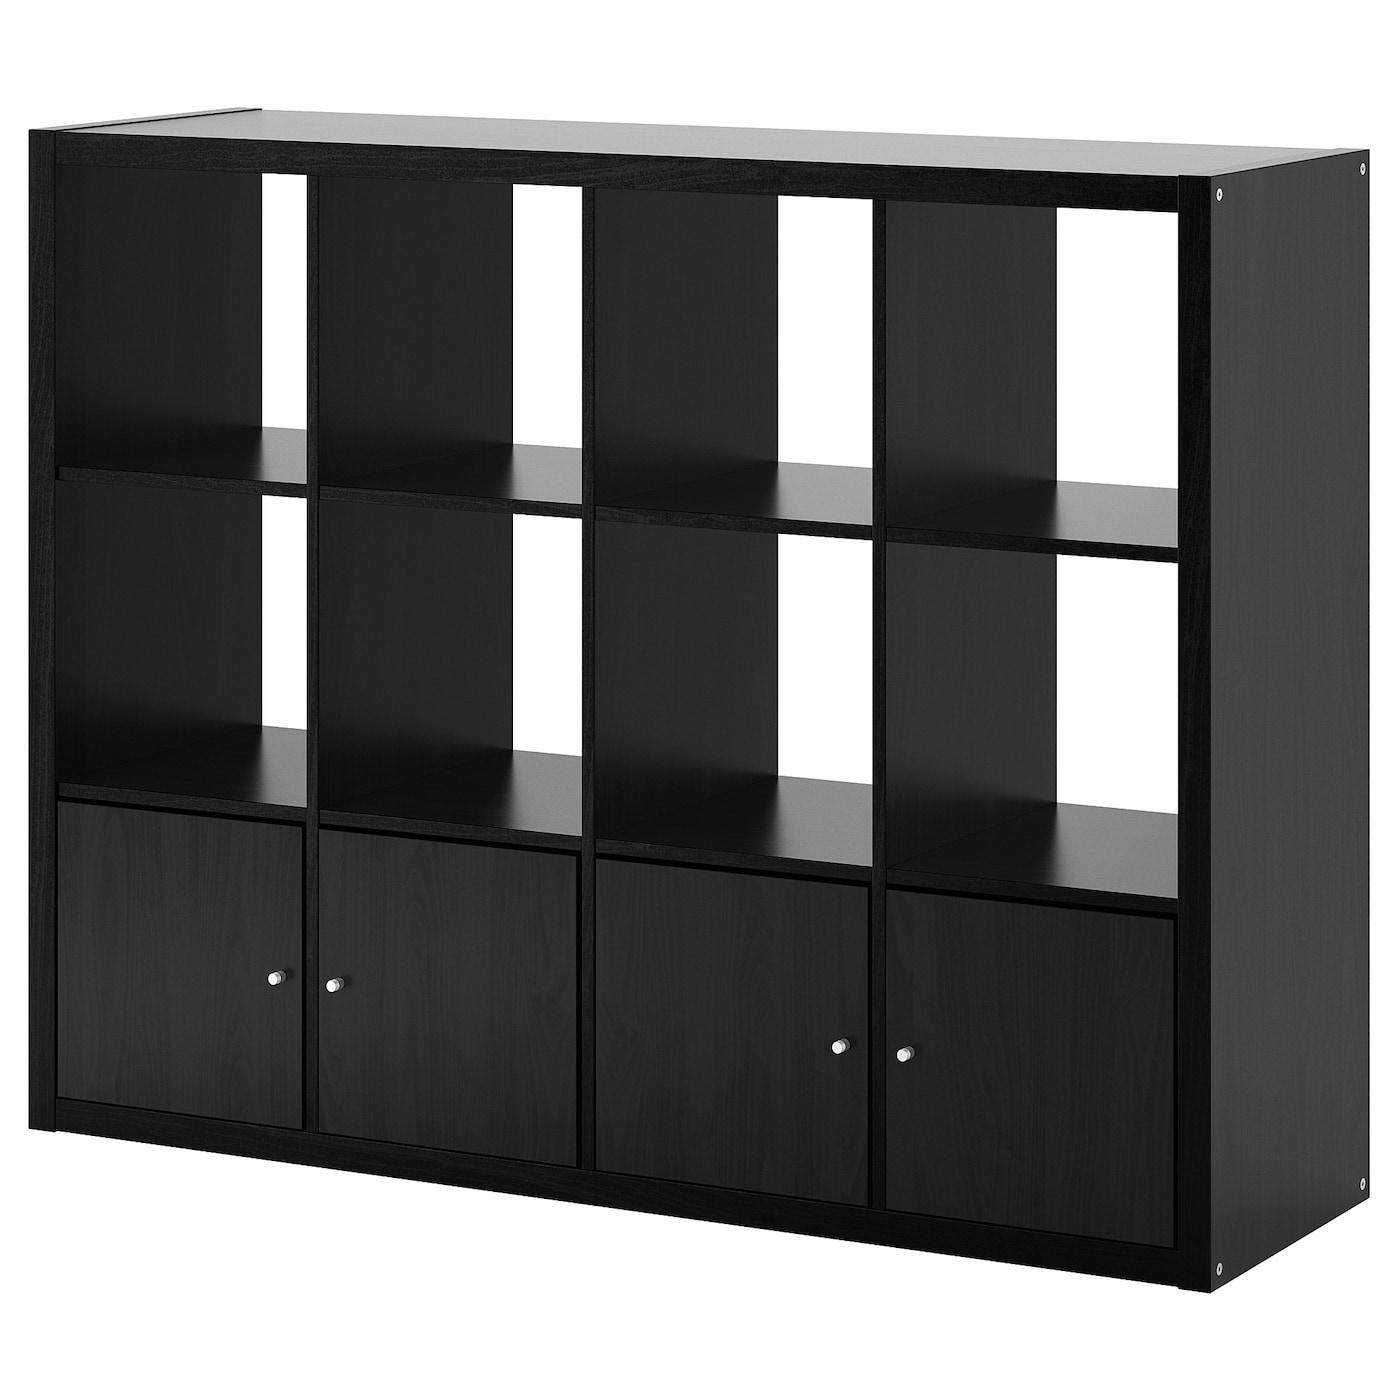 KALLAX Regal mit 6 Einsätzen schwarzbraun IKEA Österreich